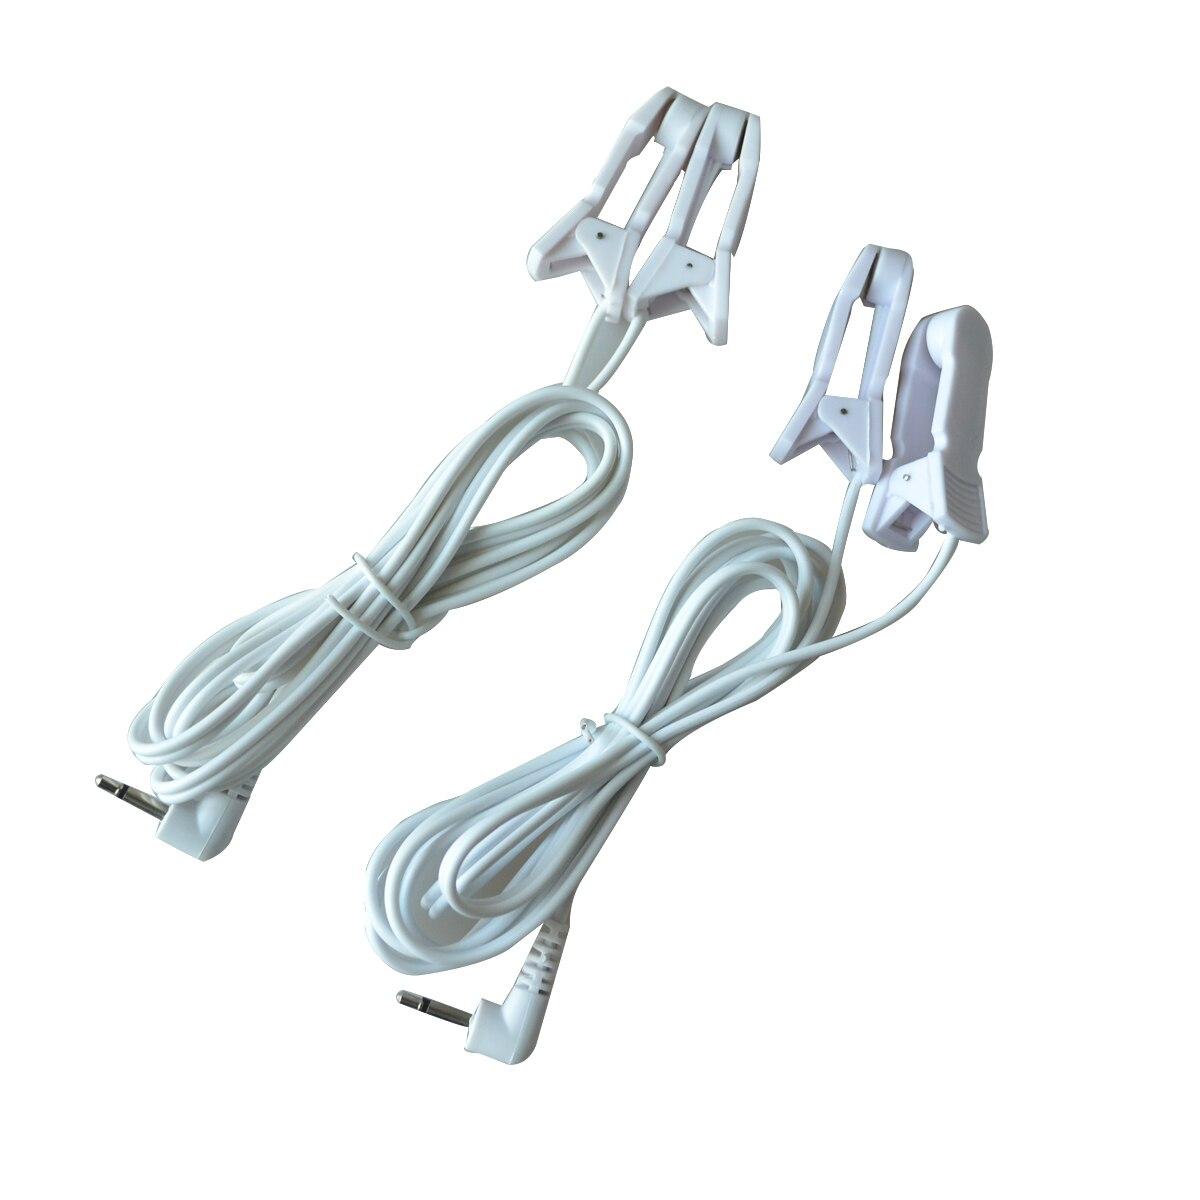 50 Pcs/Lot Électrode Fil Conducteur Du Branchement Câbles Avec 2 Oreille Clips DES DIZAINES/EMS Numérique Thérapie Machine de Massage Avec 2.5/3.5mm Plug